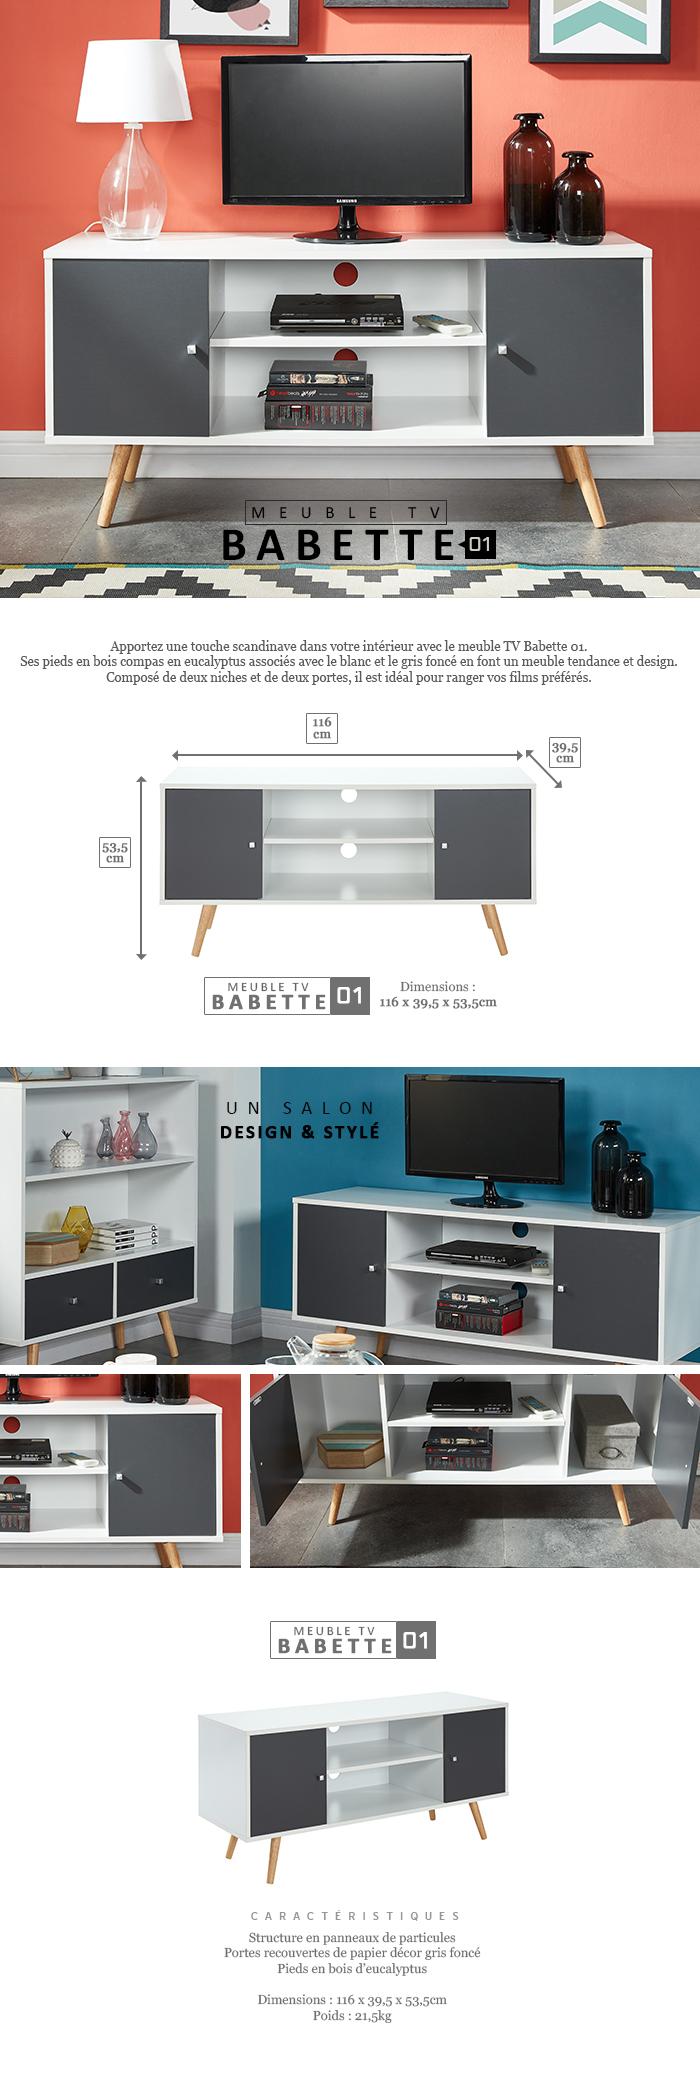 Babette Meuble Tv Scandinave Pieds En Eucalyptus Gris Fonc Et  # C Discount Meuble Tv